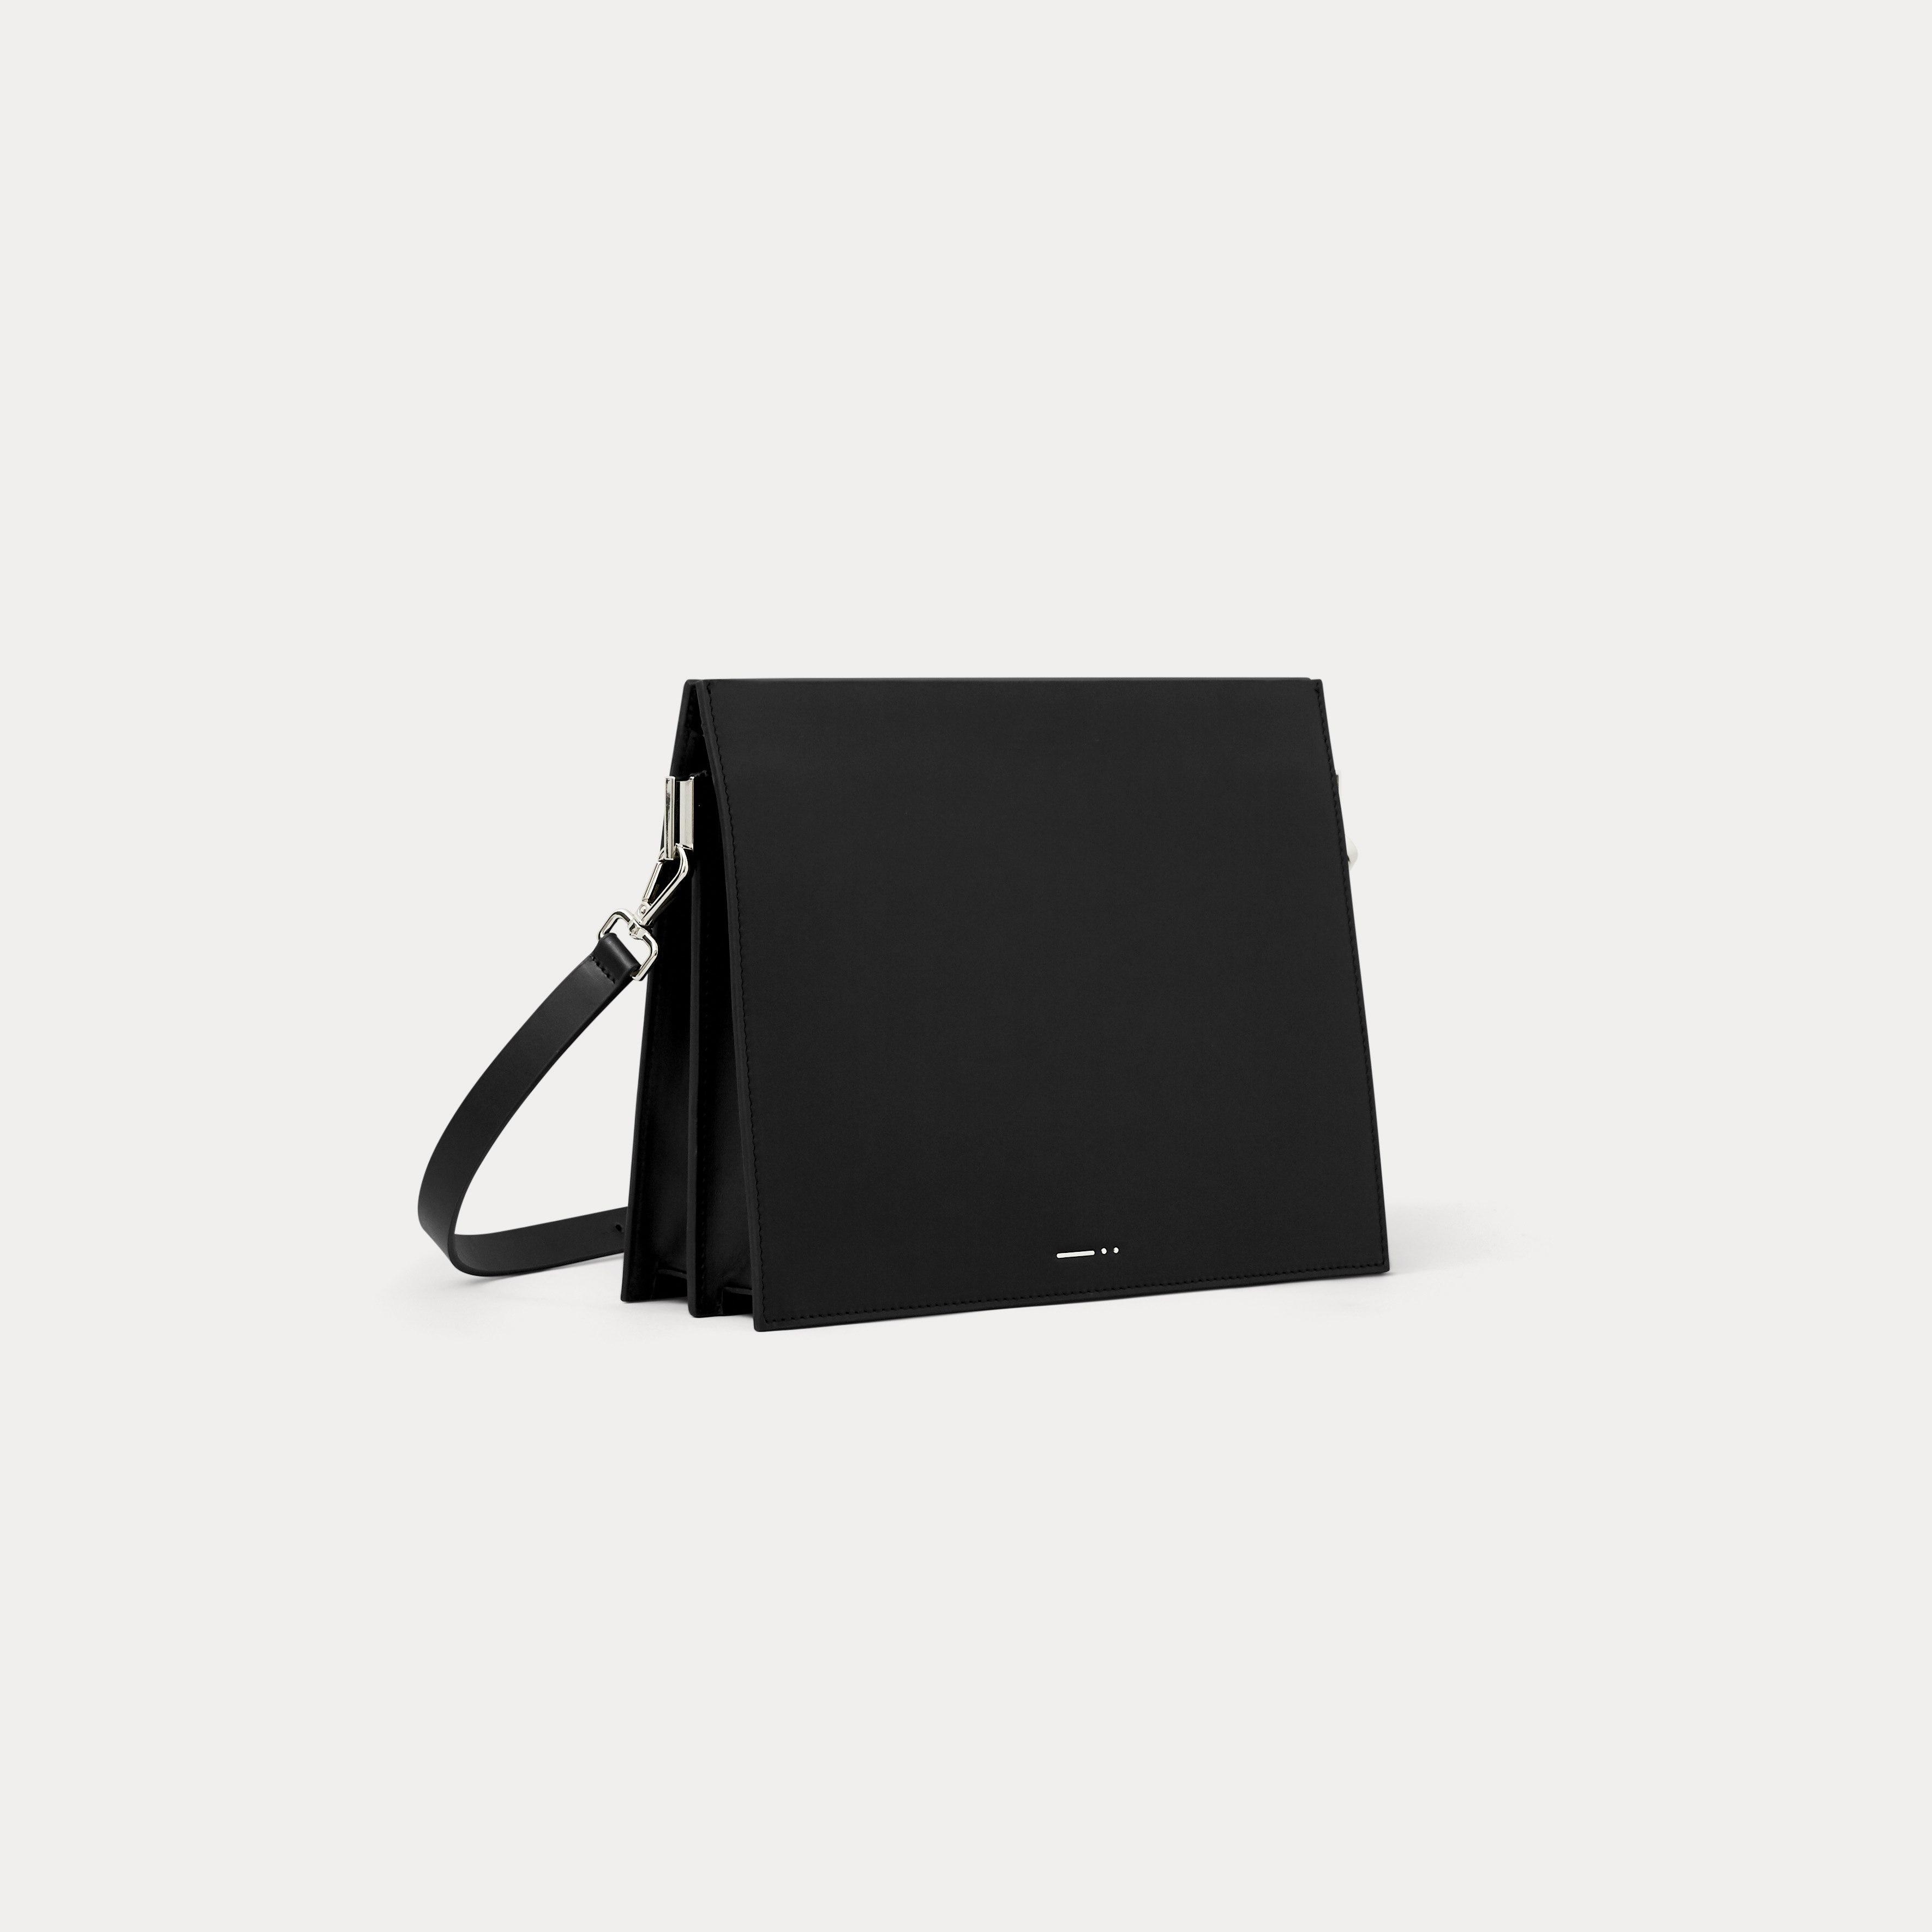 กระเป๋าสะพายหนัง dash. สีดำ DA06